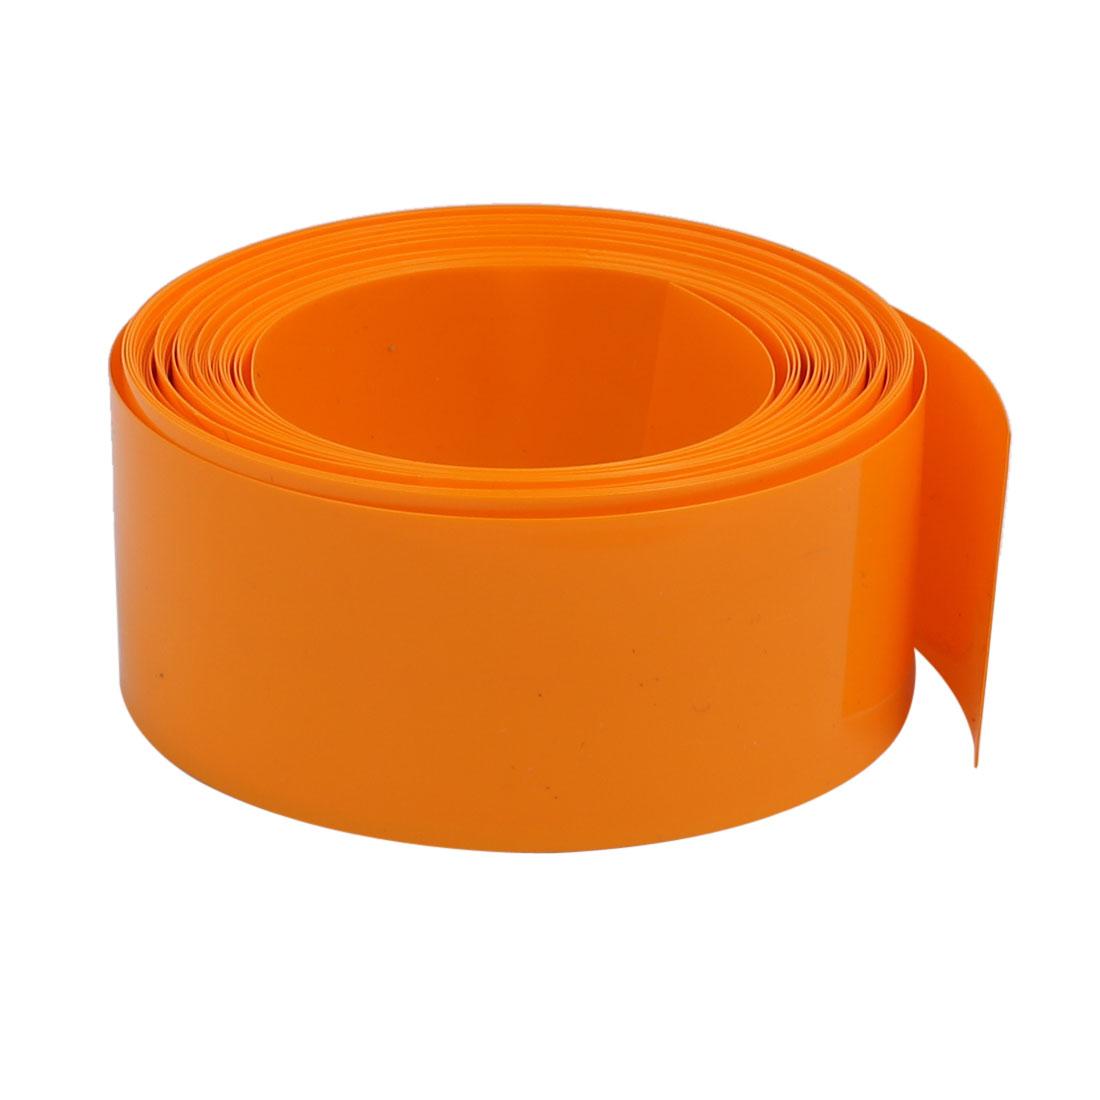 29.5mm Flat Width 6 Meter Long PVC Heat Shrinkable Tube Orange for 18650 Battery